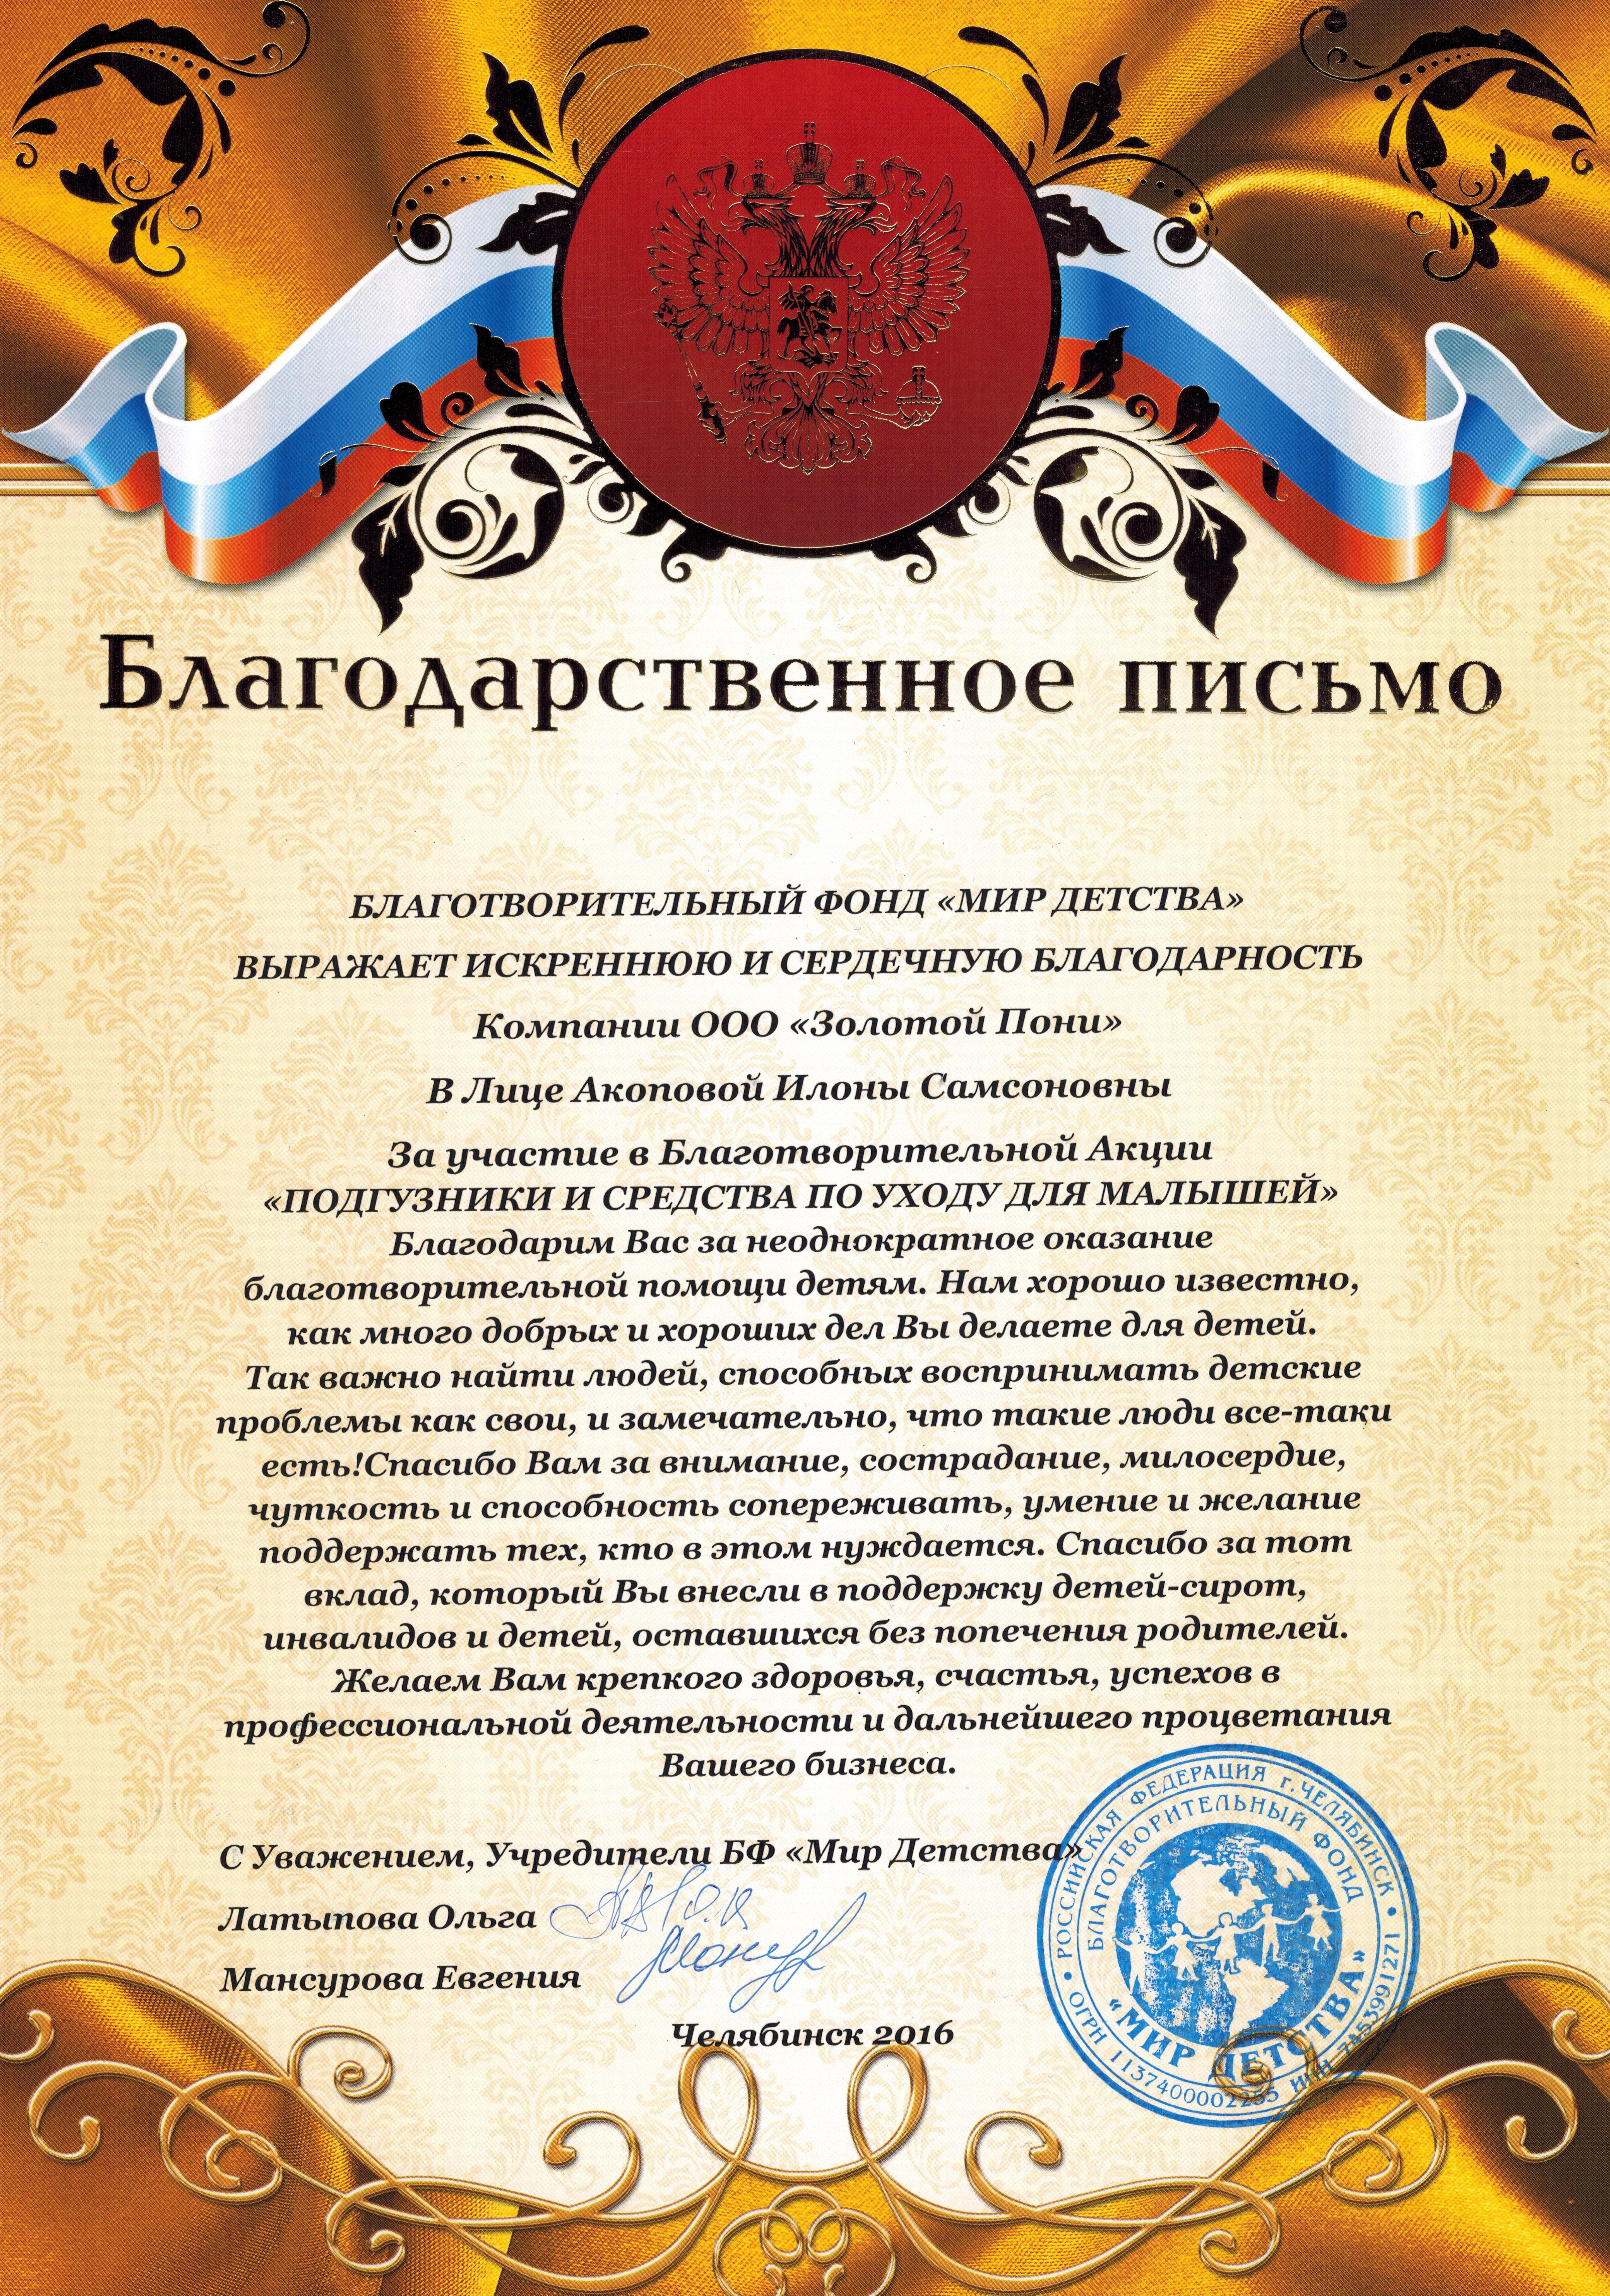 1002Мир_Детства_Золотой_Пони.jpg